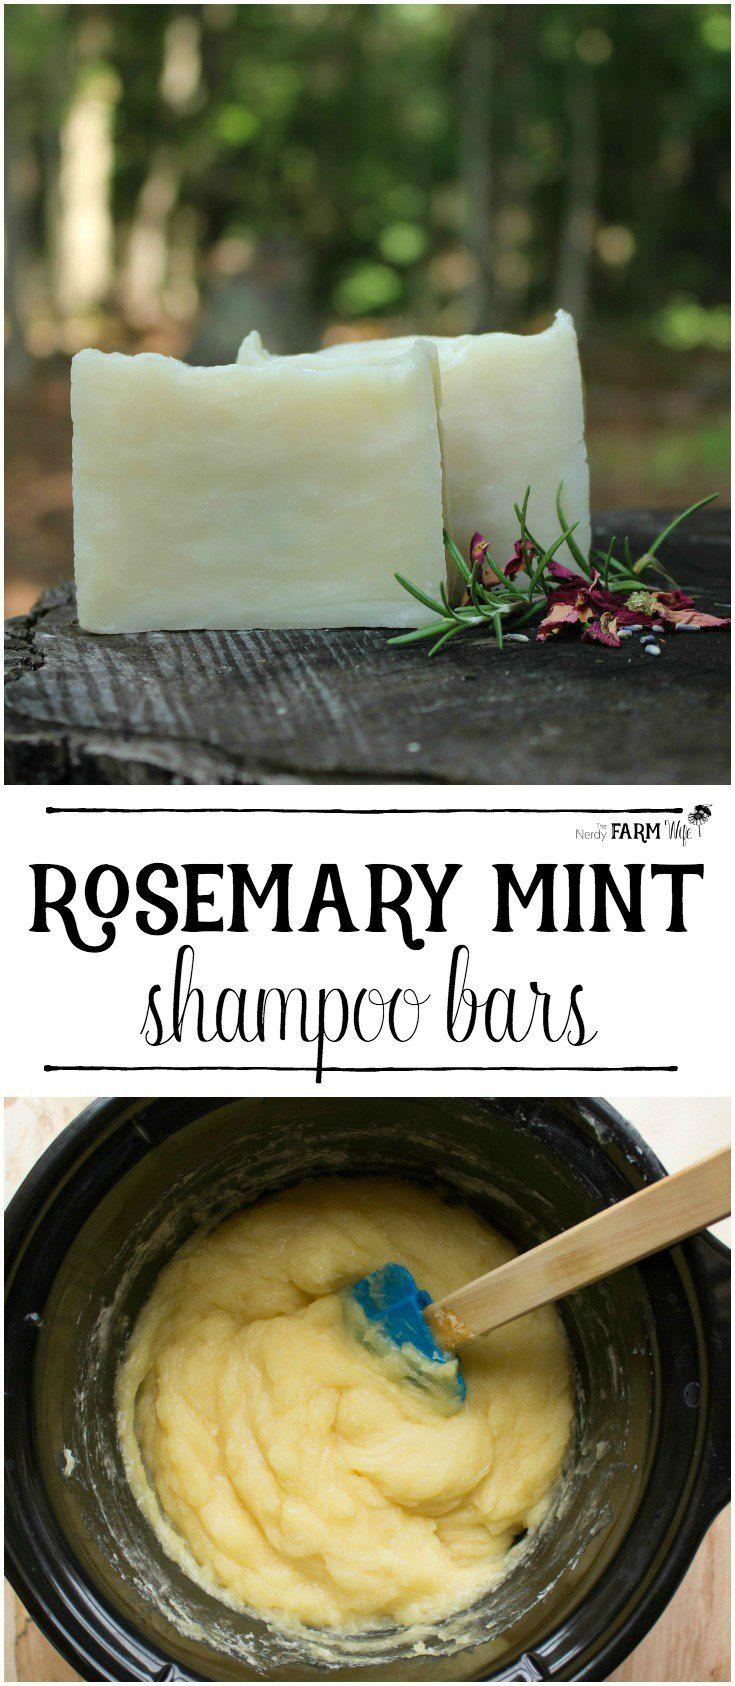 How to Make Rosemary Mint Shampoo Bars